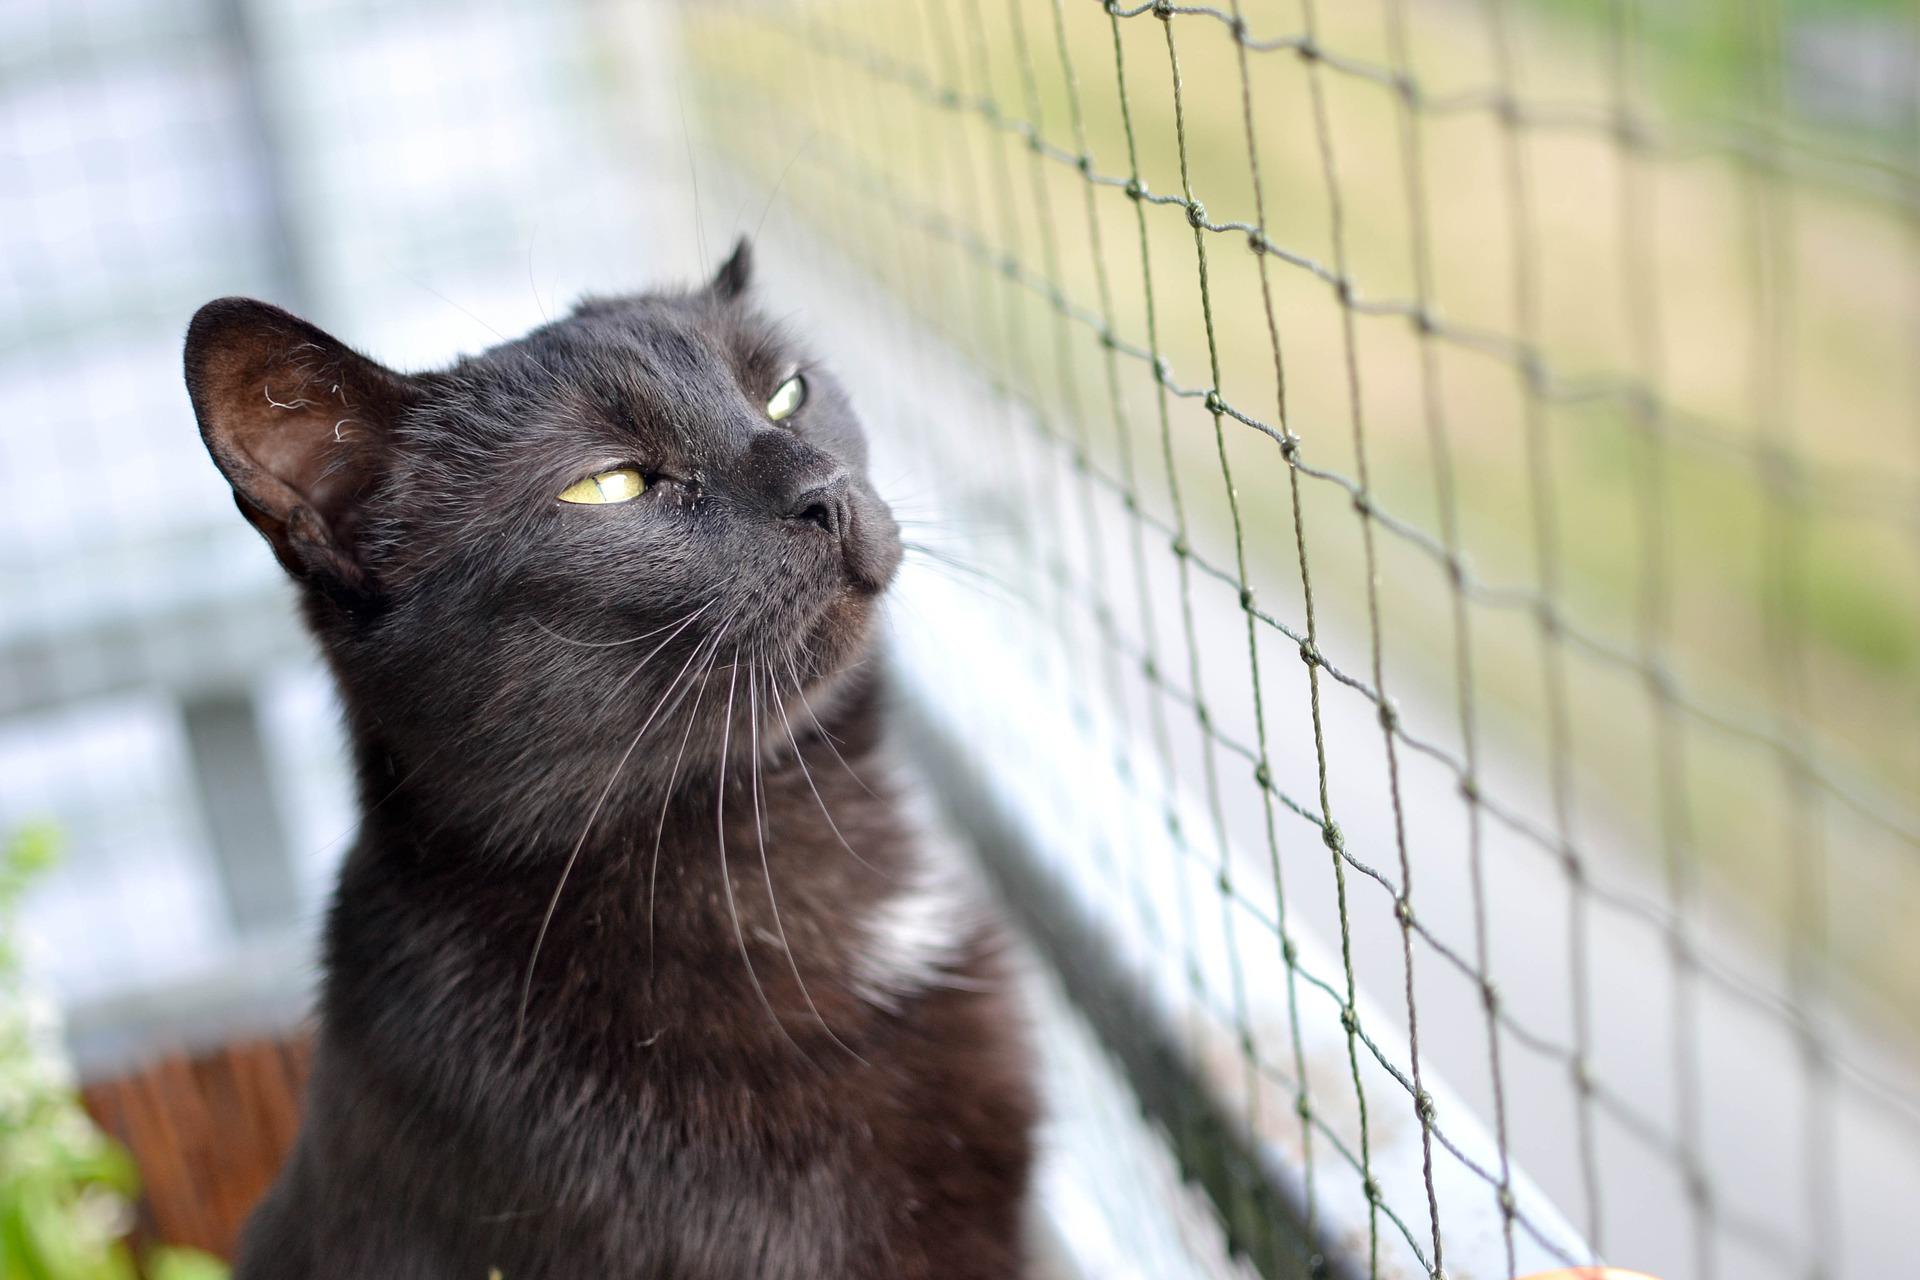 Siatka na balkon dla kota może uchronić jego zdrowie i życie.